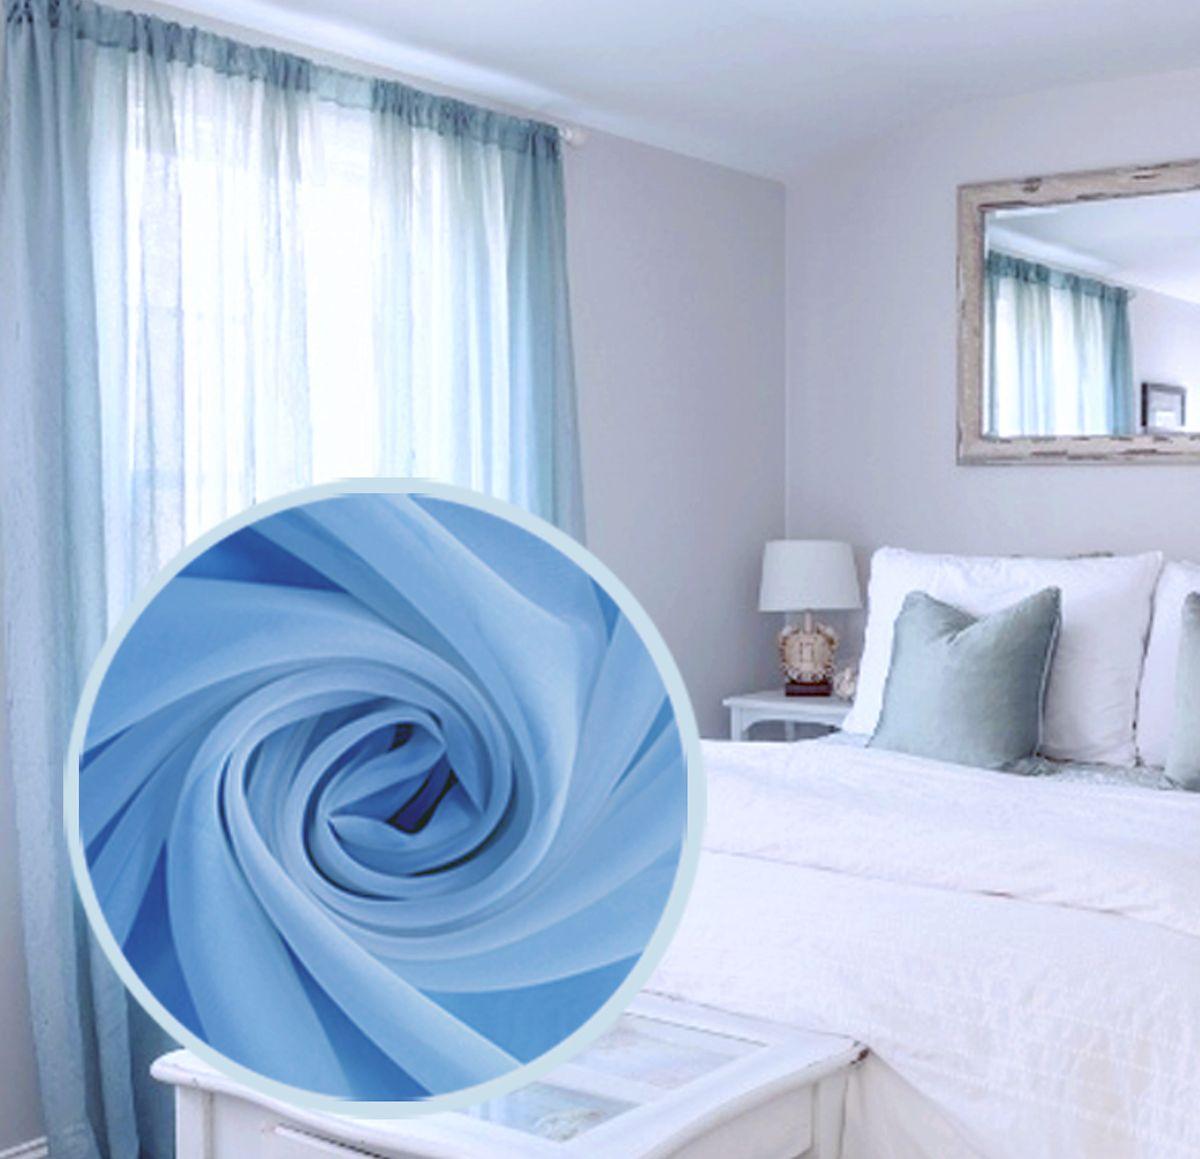 Вуаль Amore Mio Однотонная, 300х270 см, цвет: голубой. 75386956251325Однотонная нежная легкая вуаль голубого цвета - цвета летнего ясного неба. На шторной ленте. Яркий акцент для ваших окон! В комплект входит: Вуаль 300х270